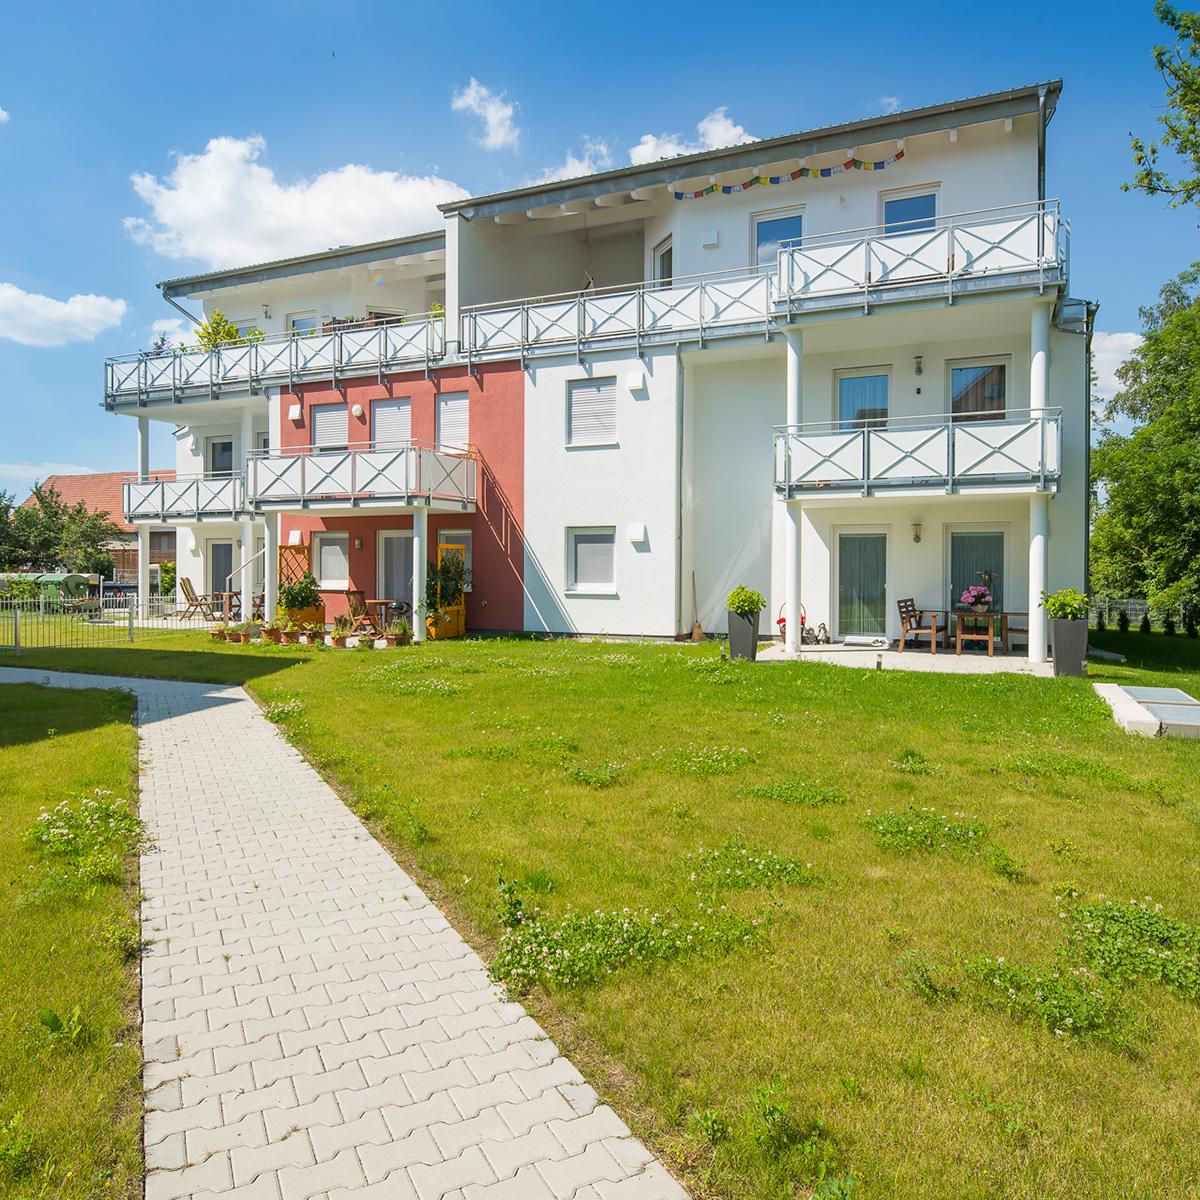 150630_rau_084-tv_Singoldstrasse